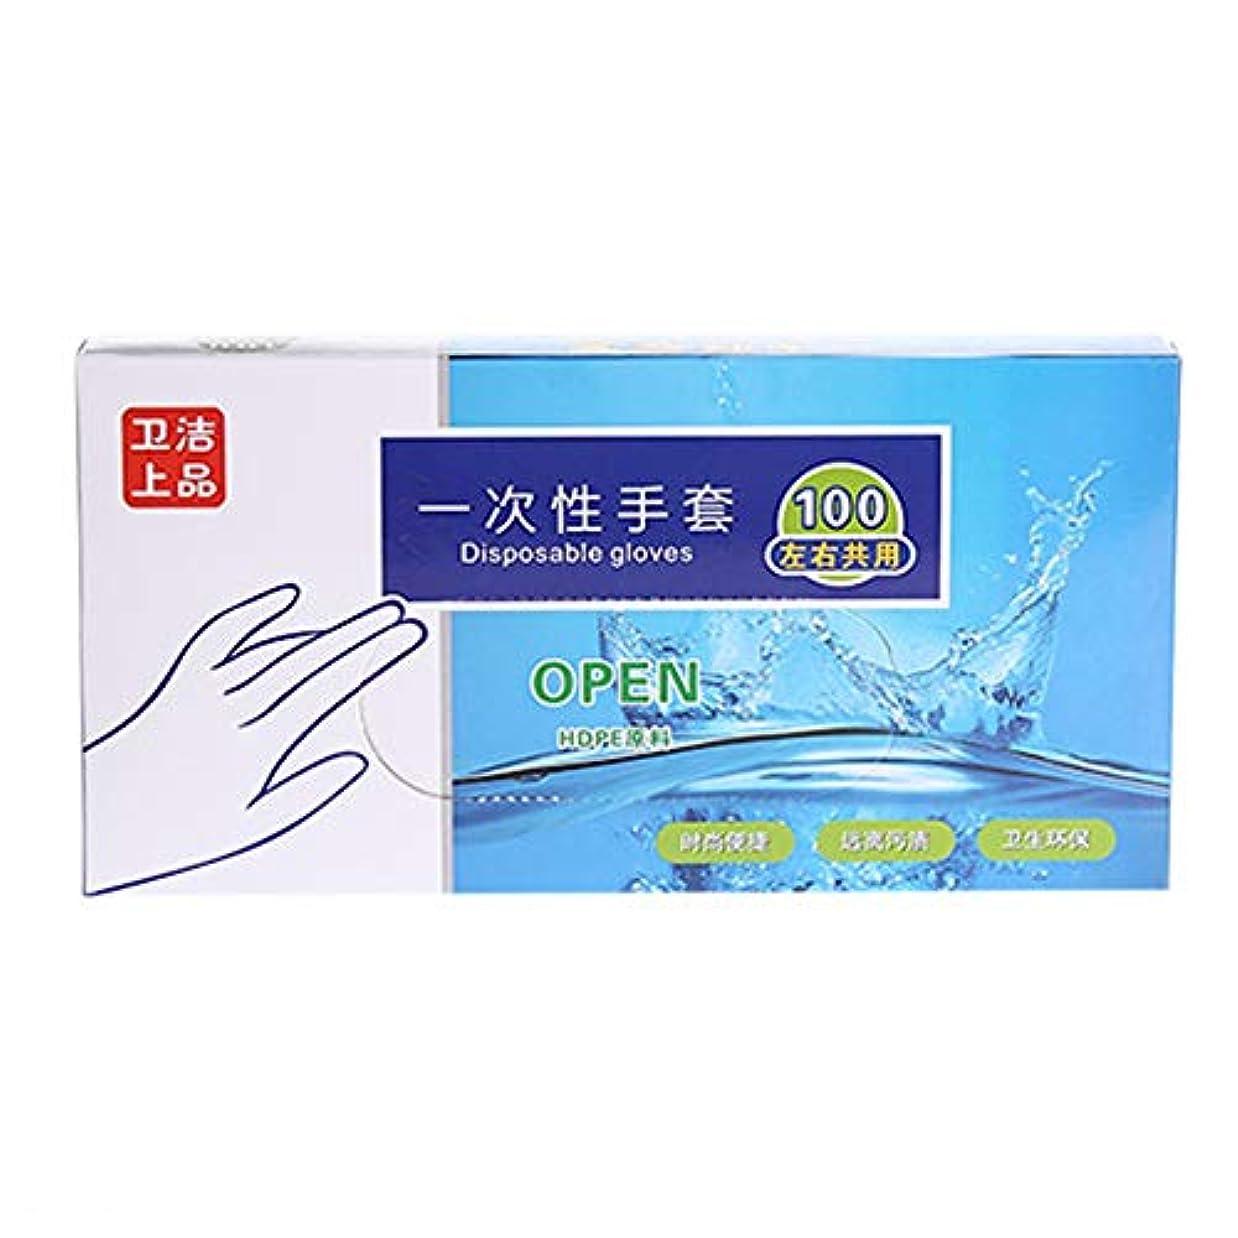 最初にアルミニウムインド使い捨て手袋 100枚 2パック 入フリーサイズ グローブ ポリエチレン手袋 左右兼用 ポリエチレン PE 実用 衛生 調理 清掃 染髪